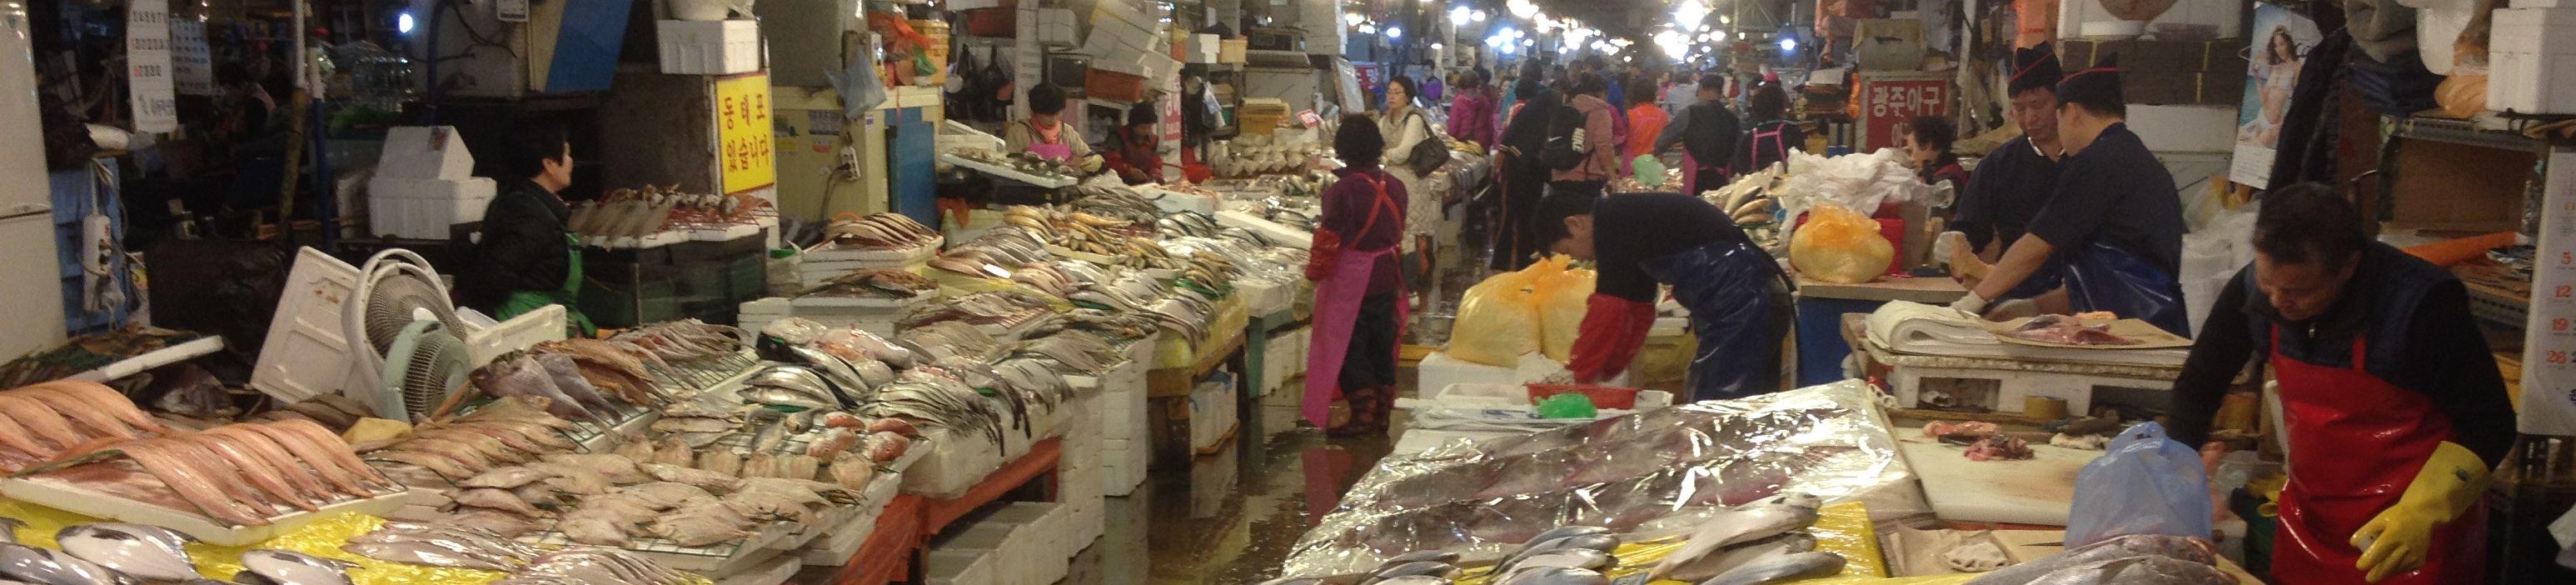 2015-04-18 Noryangjin Fish Mkt 063 banner